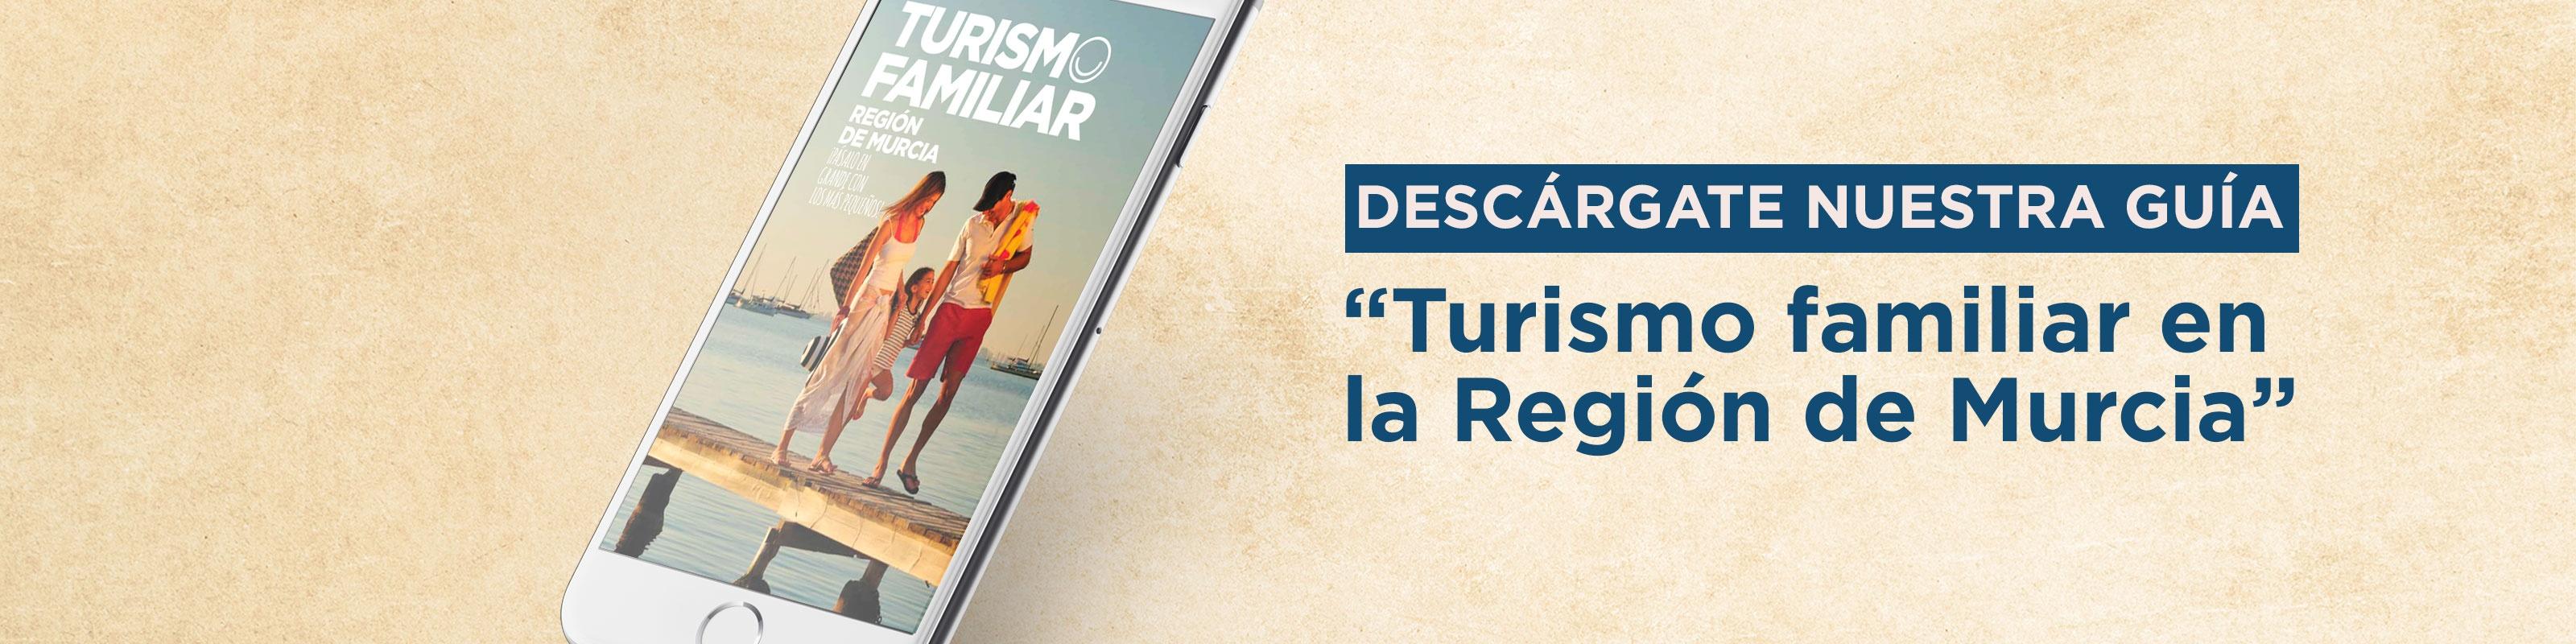 Guía de turismo familiar en la Región de Murcia